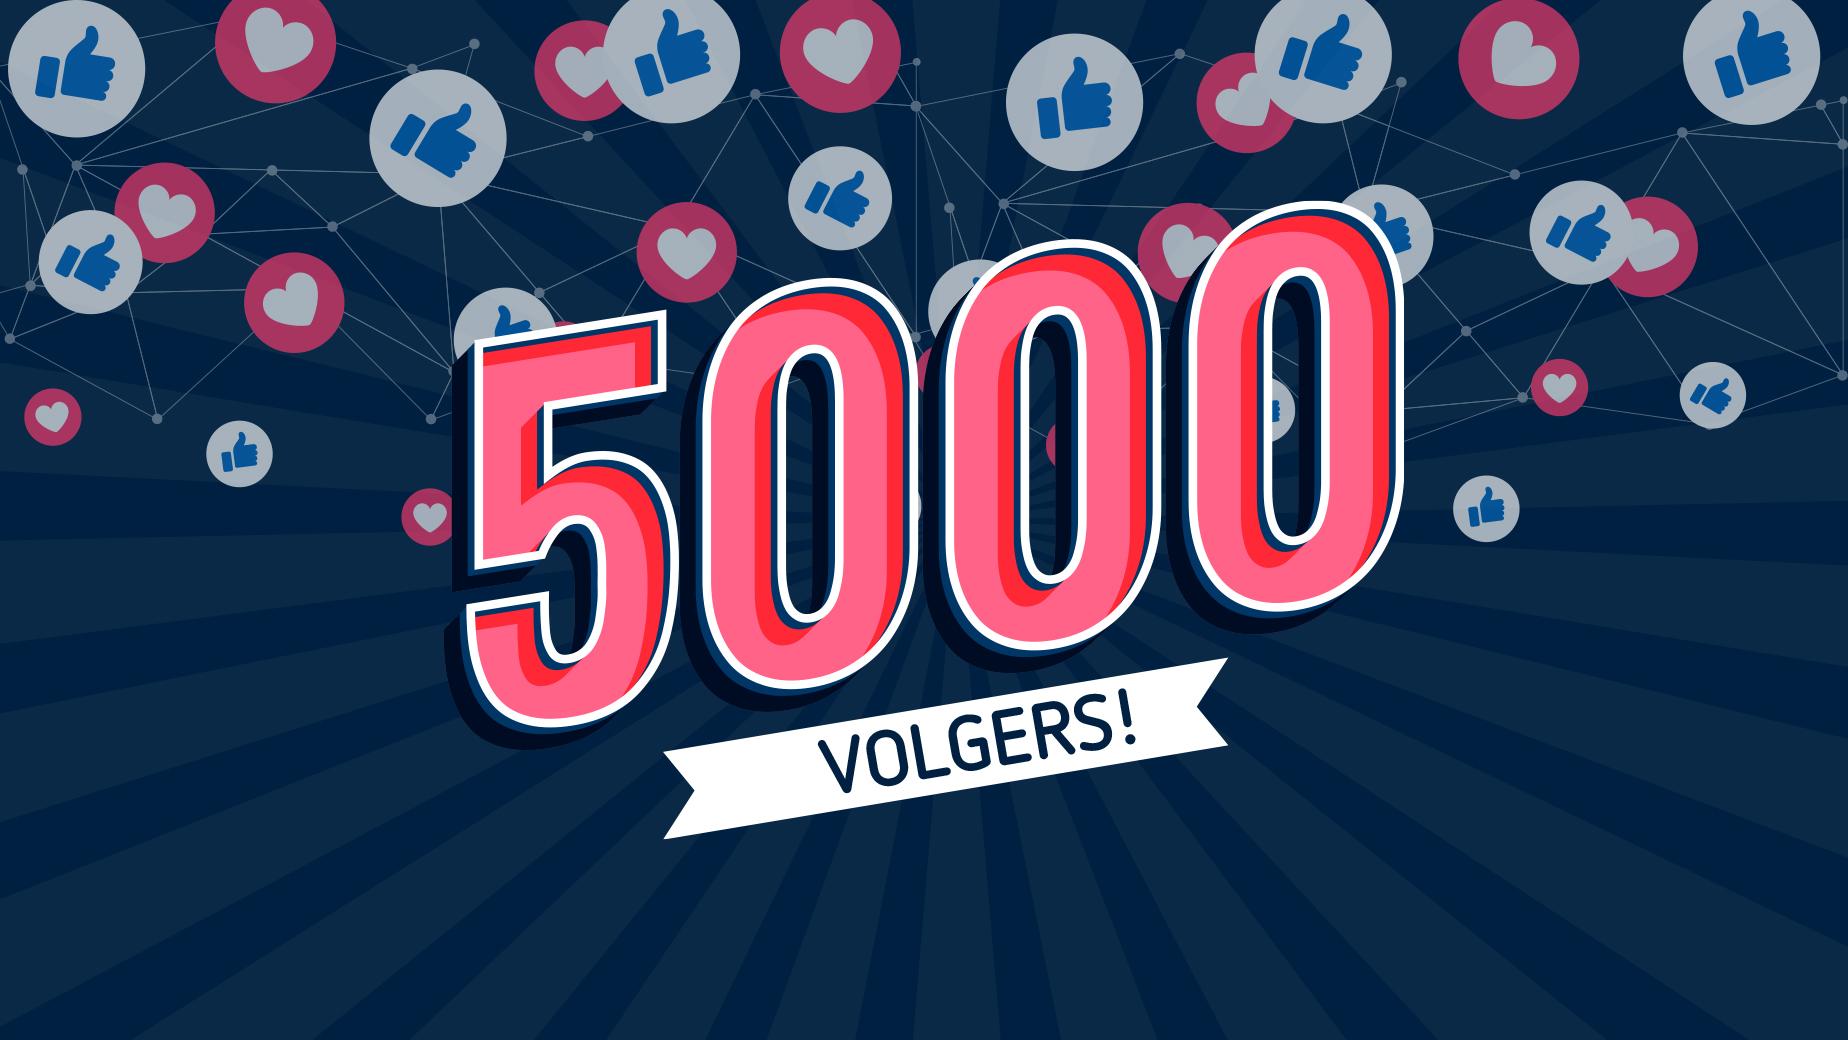 5.000 VOLGERS OP FACEBOOK